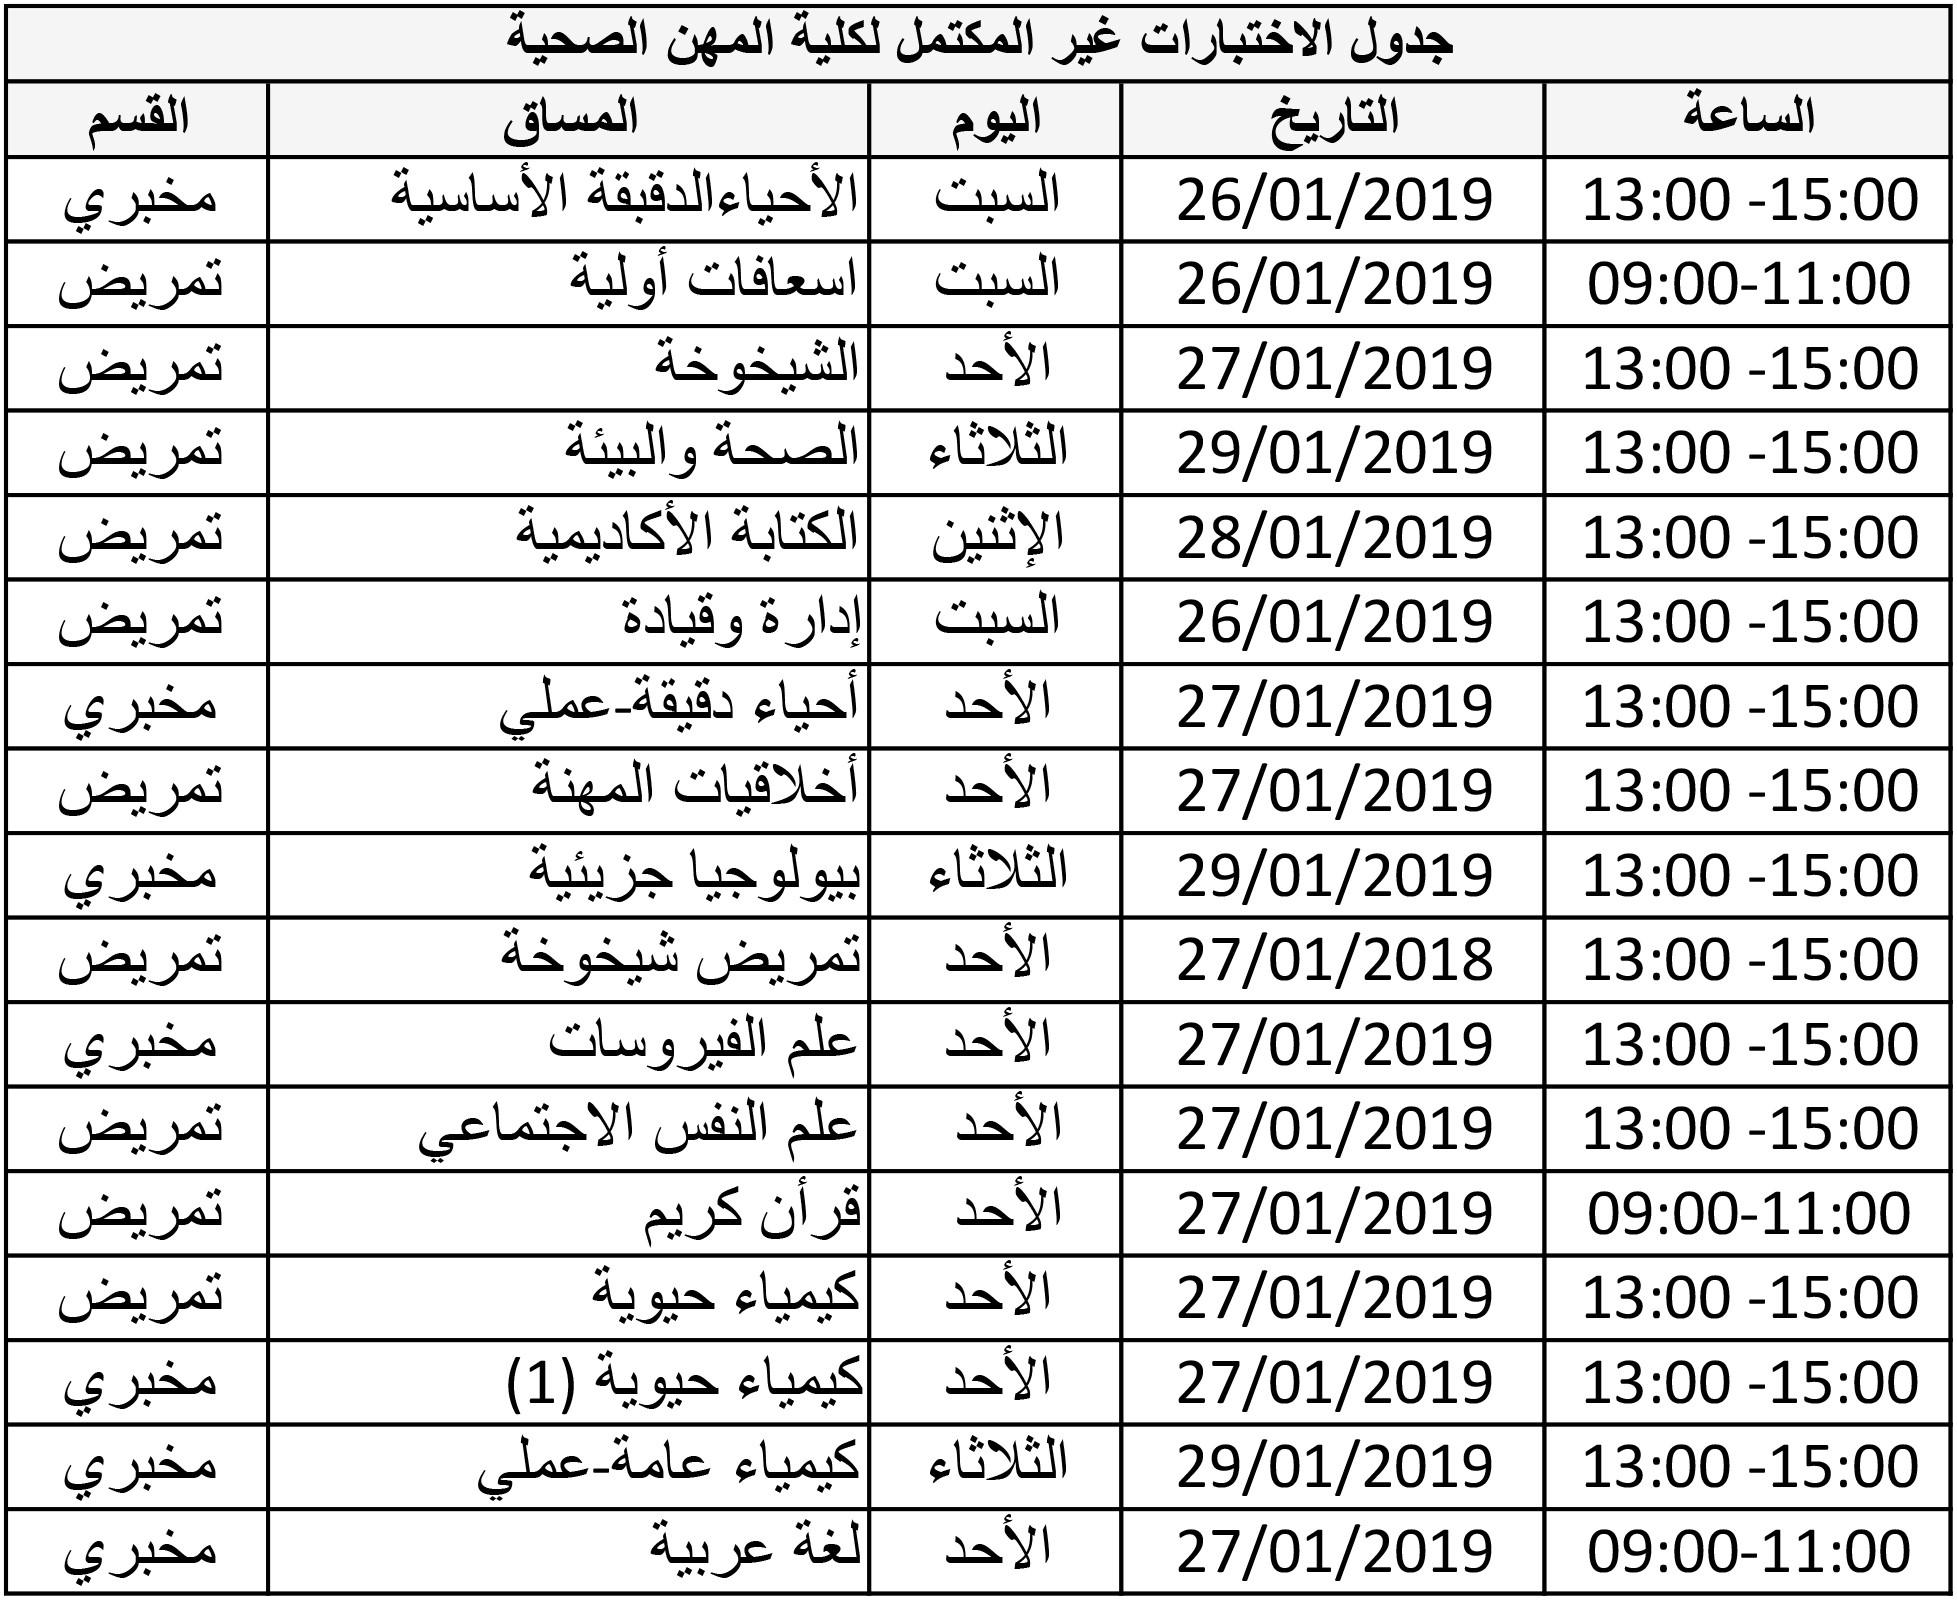 جدول امتحانات غير مكتمل كلية المهن الصحية يناير 2019.jpg